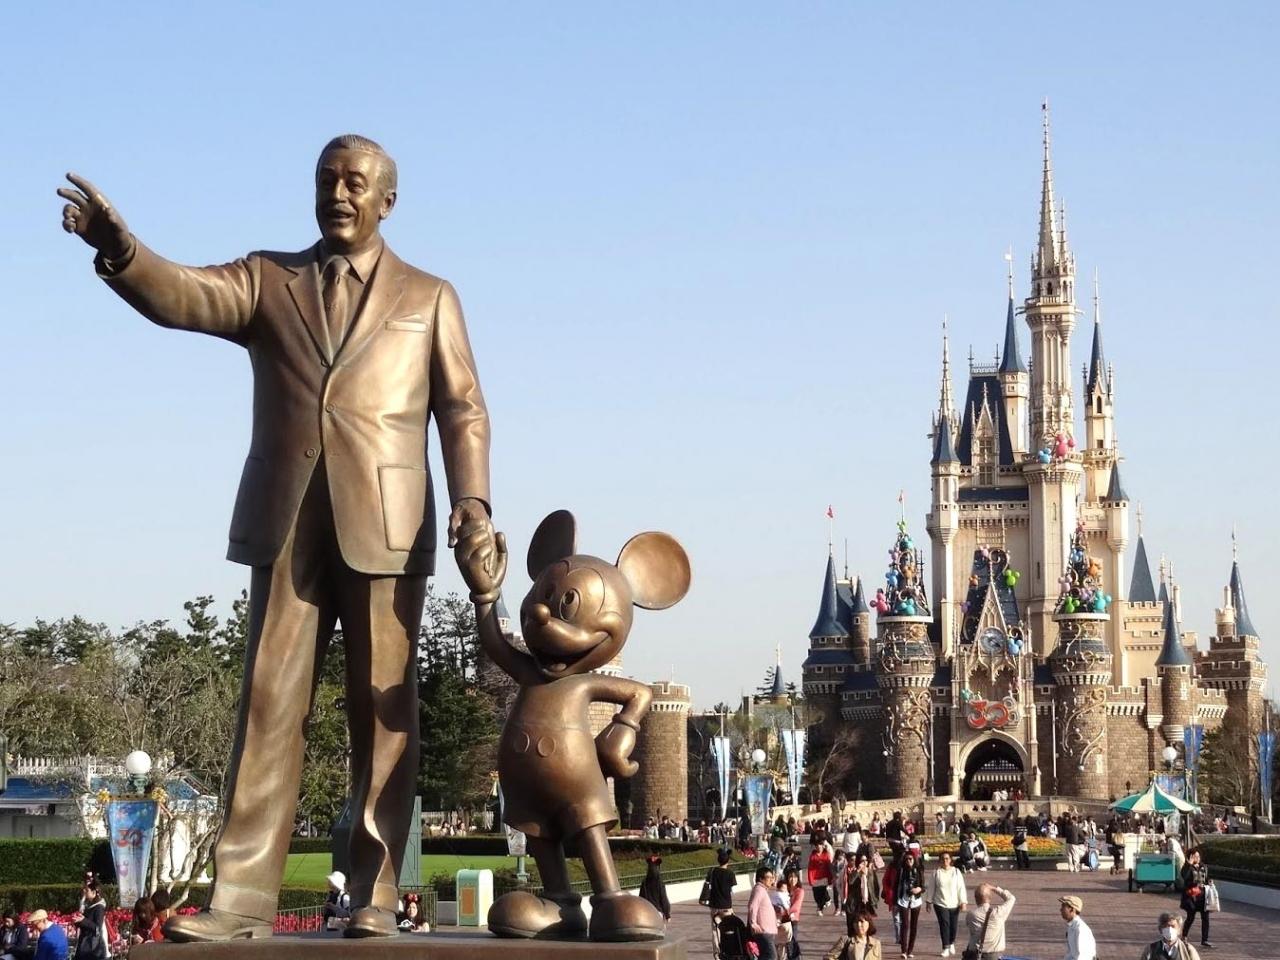 ディズニーリゾート訪問記 (特典航空券の旅)』東京ディズニー